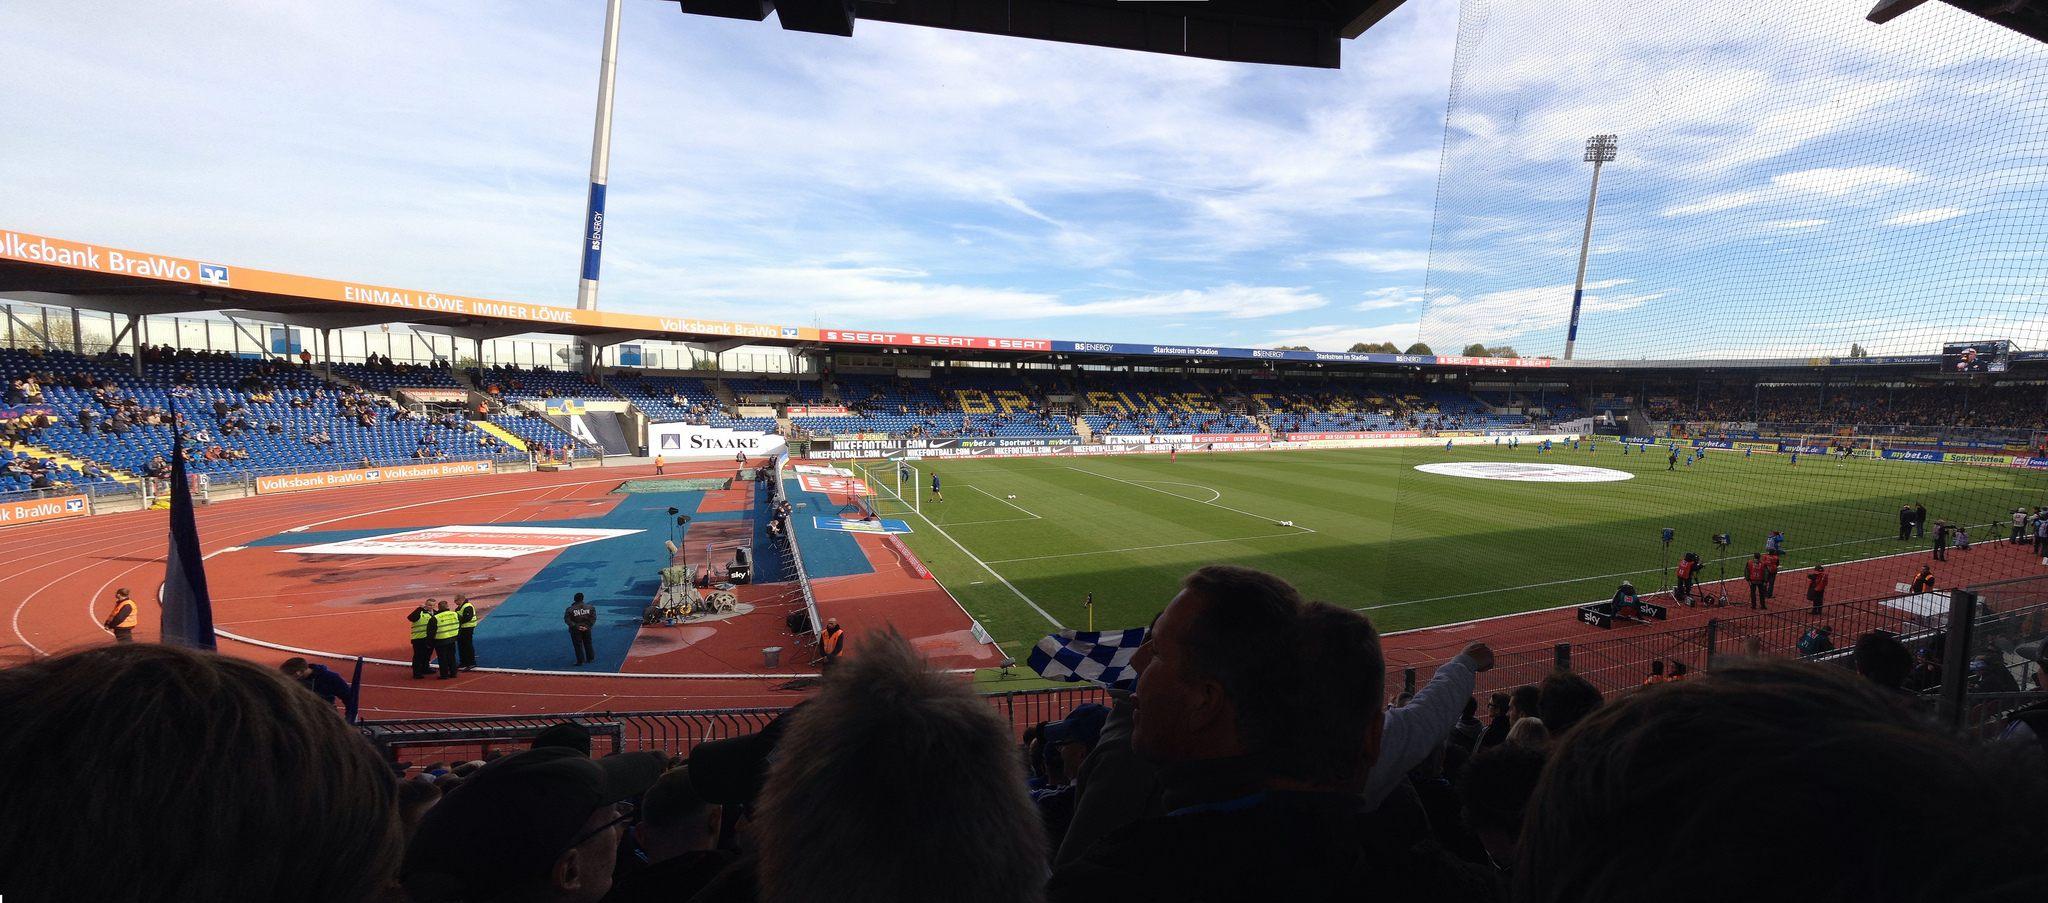 stadion umbau alte försterei